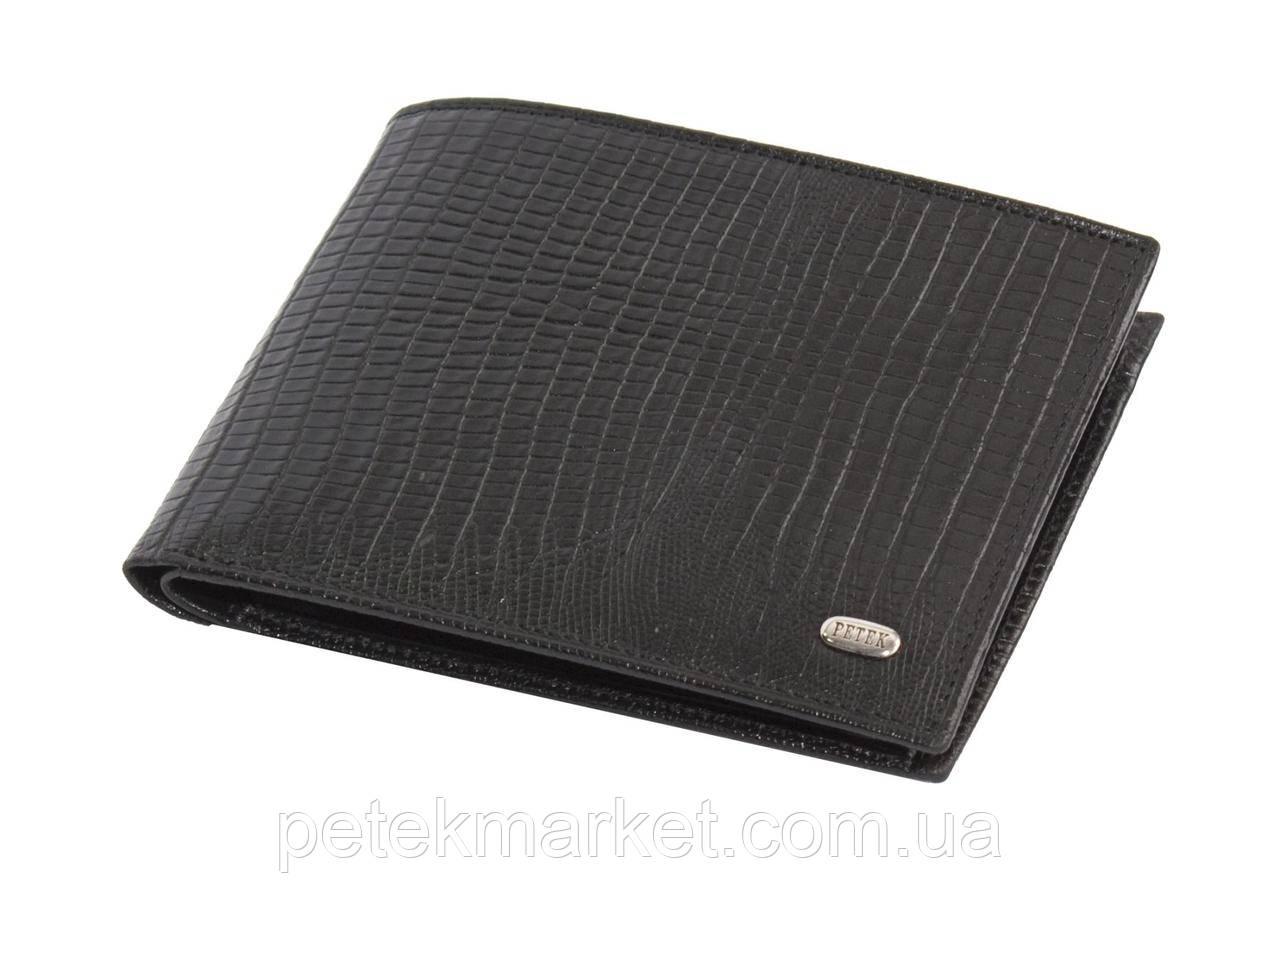 Кожаный мужской кошелек Petek 112-041-01